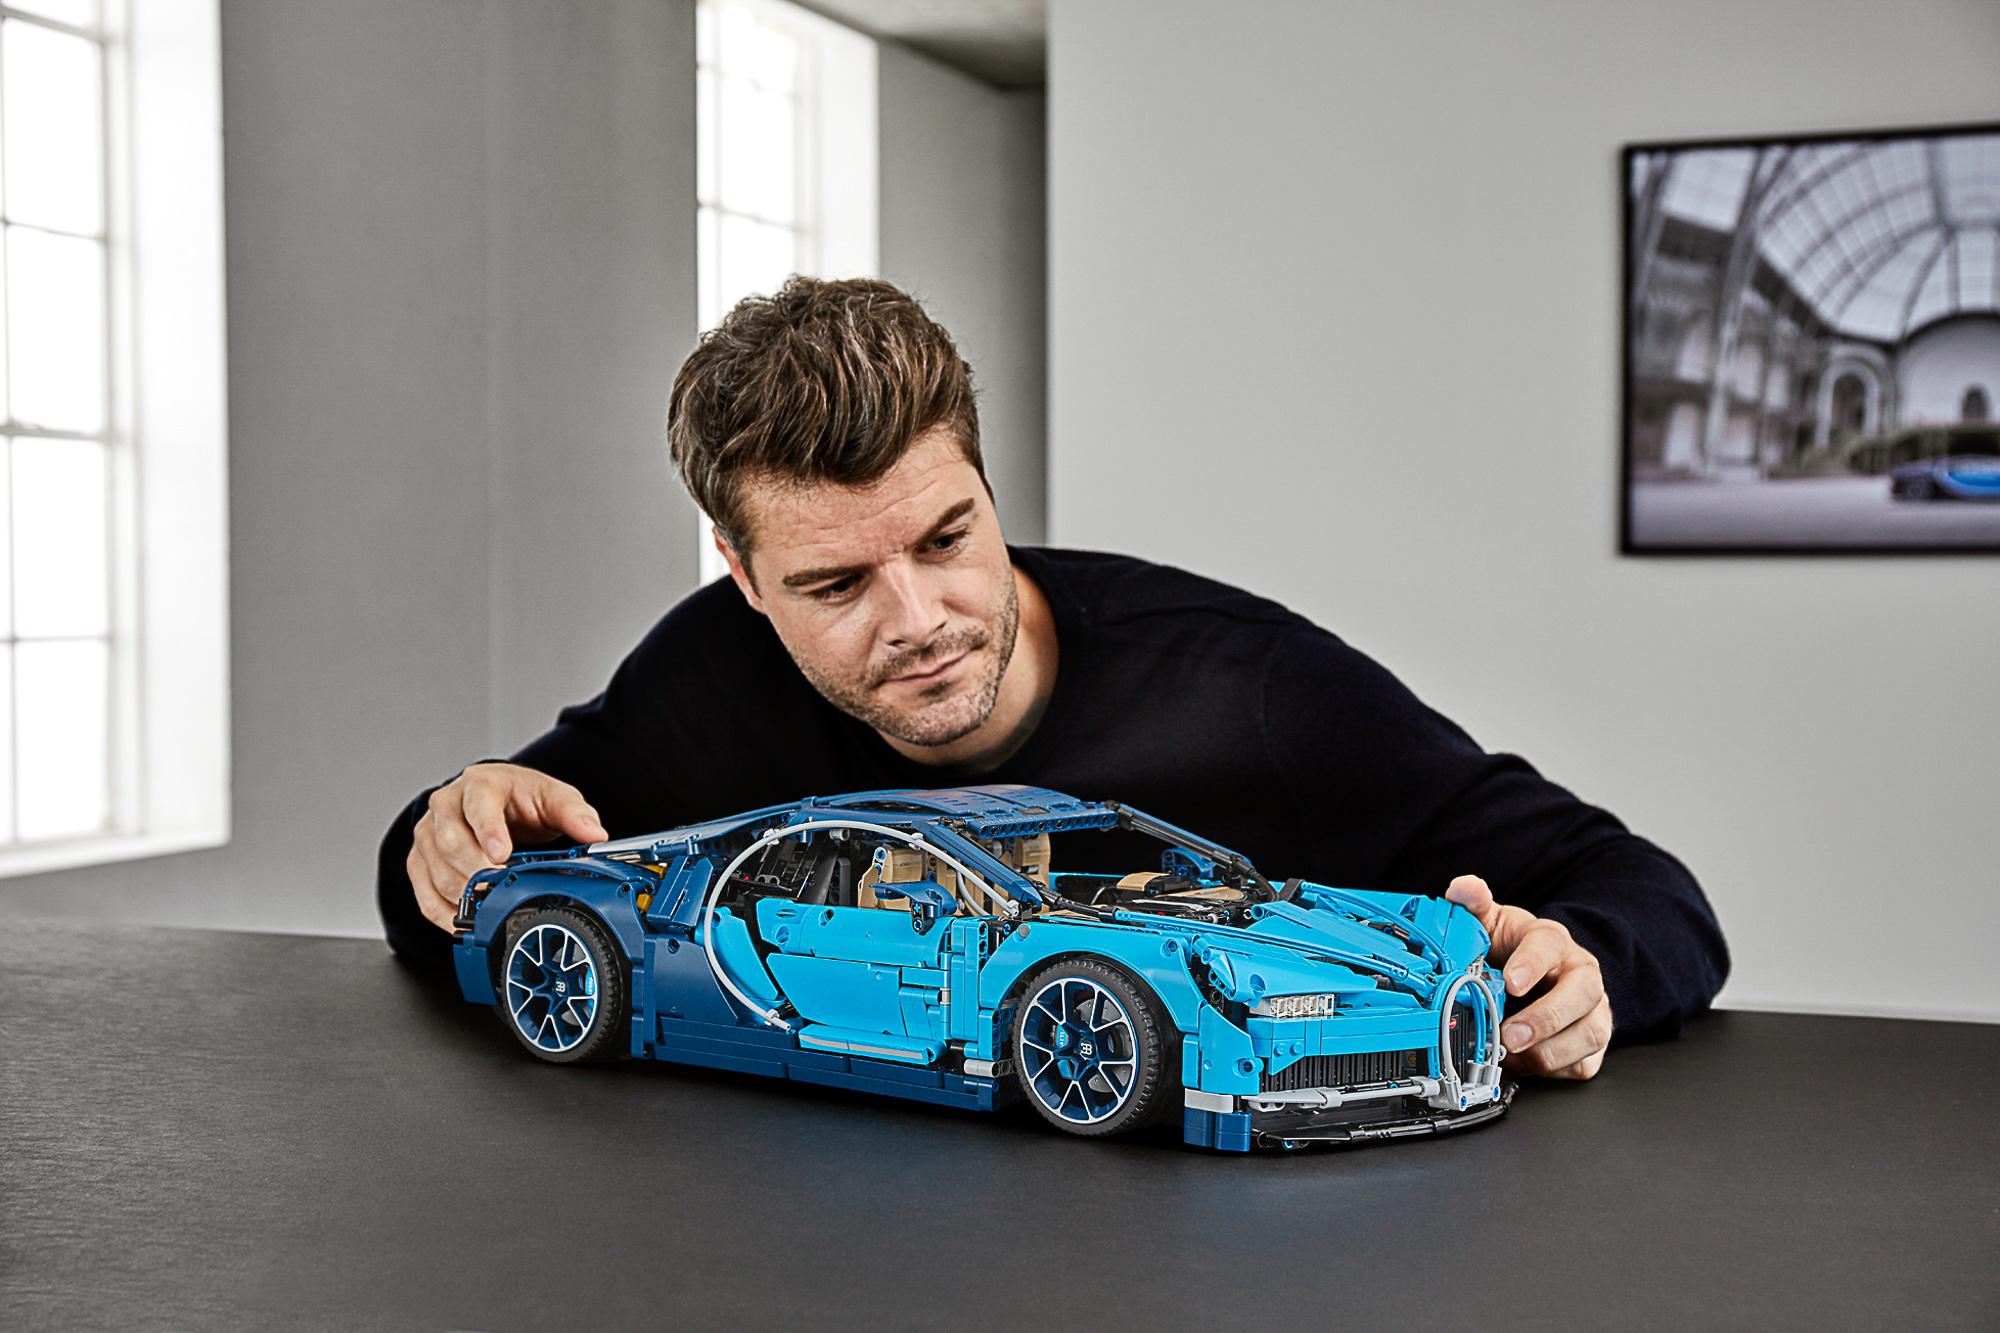 42083 Lego Technic Bugatti Chiron 26 The Brothers Brick The